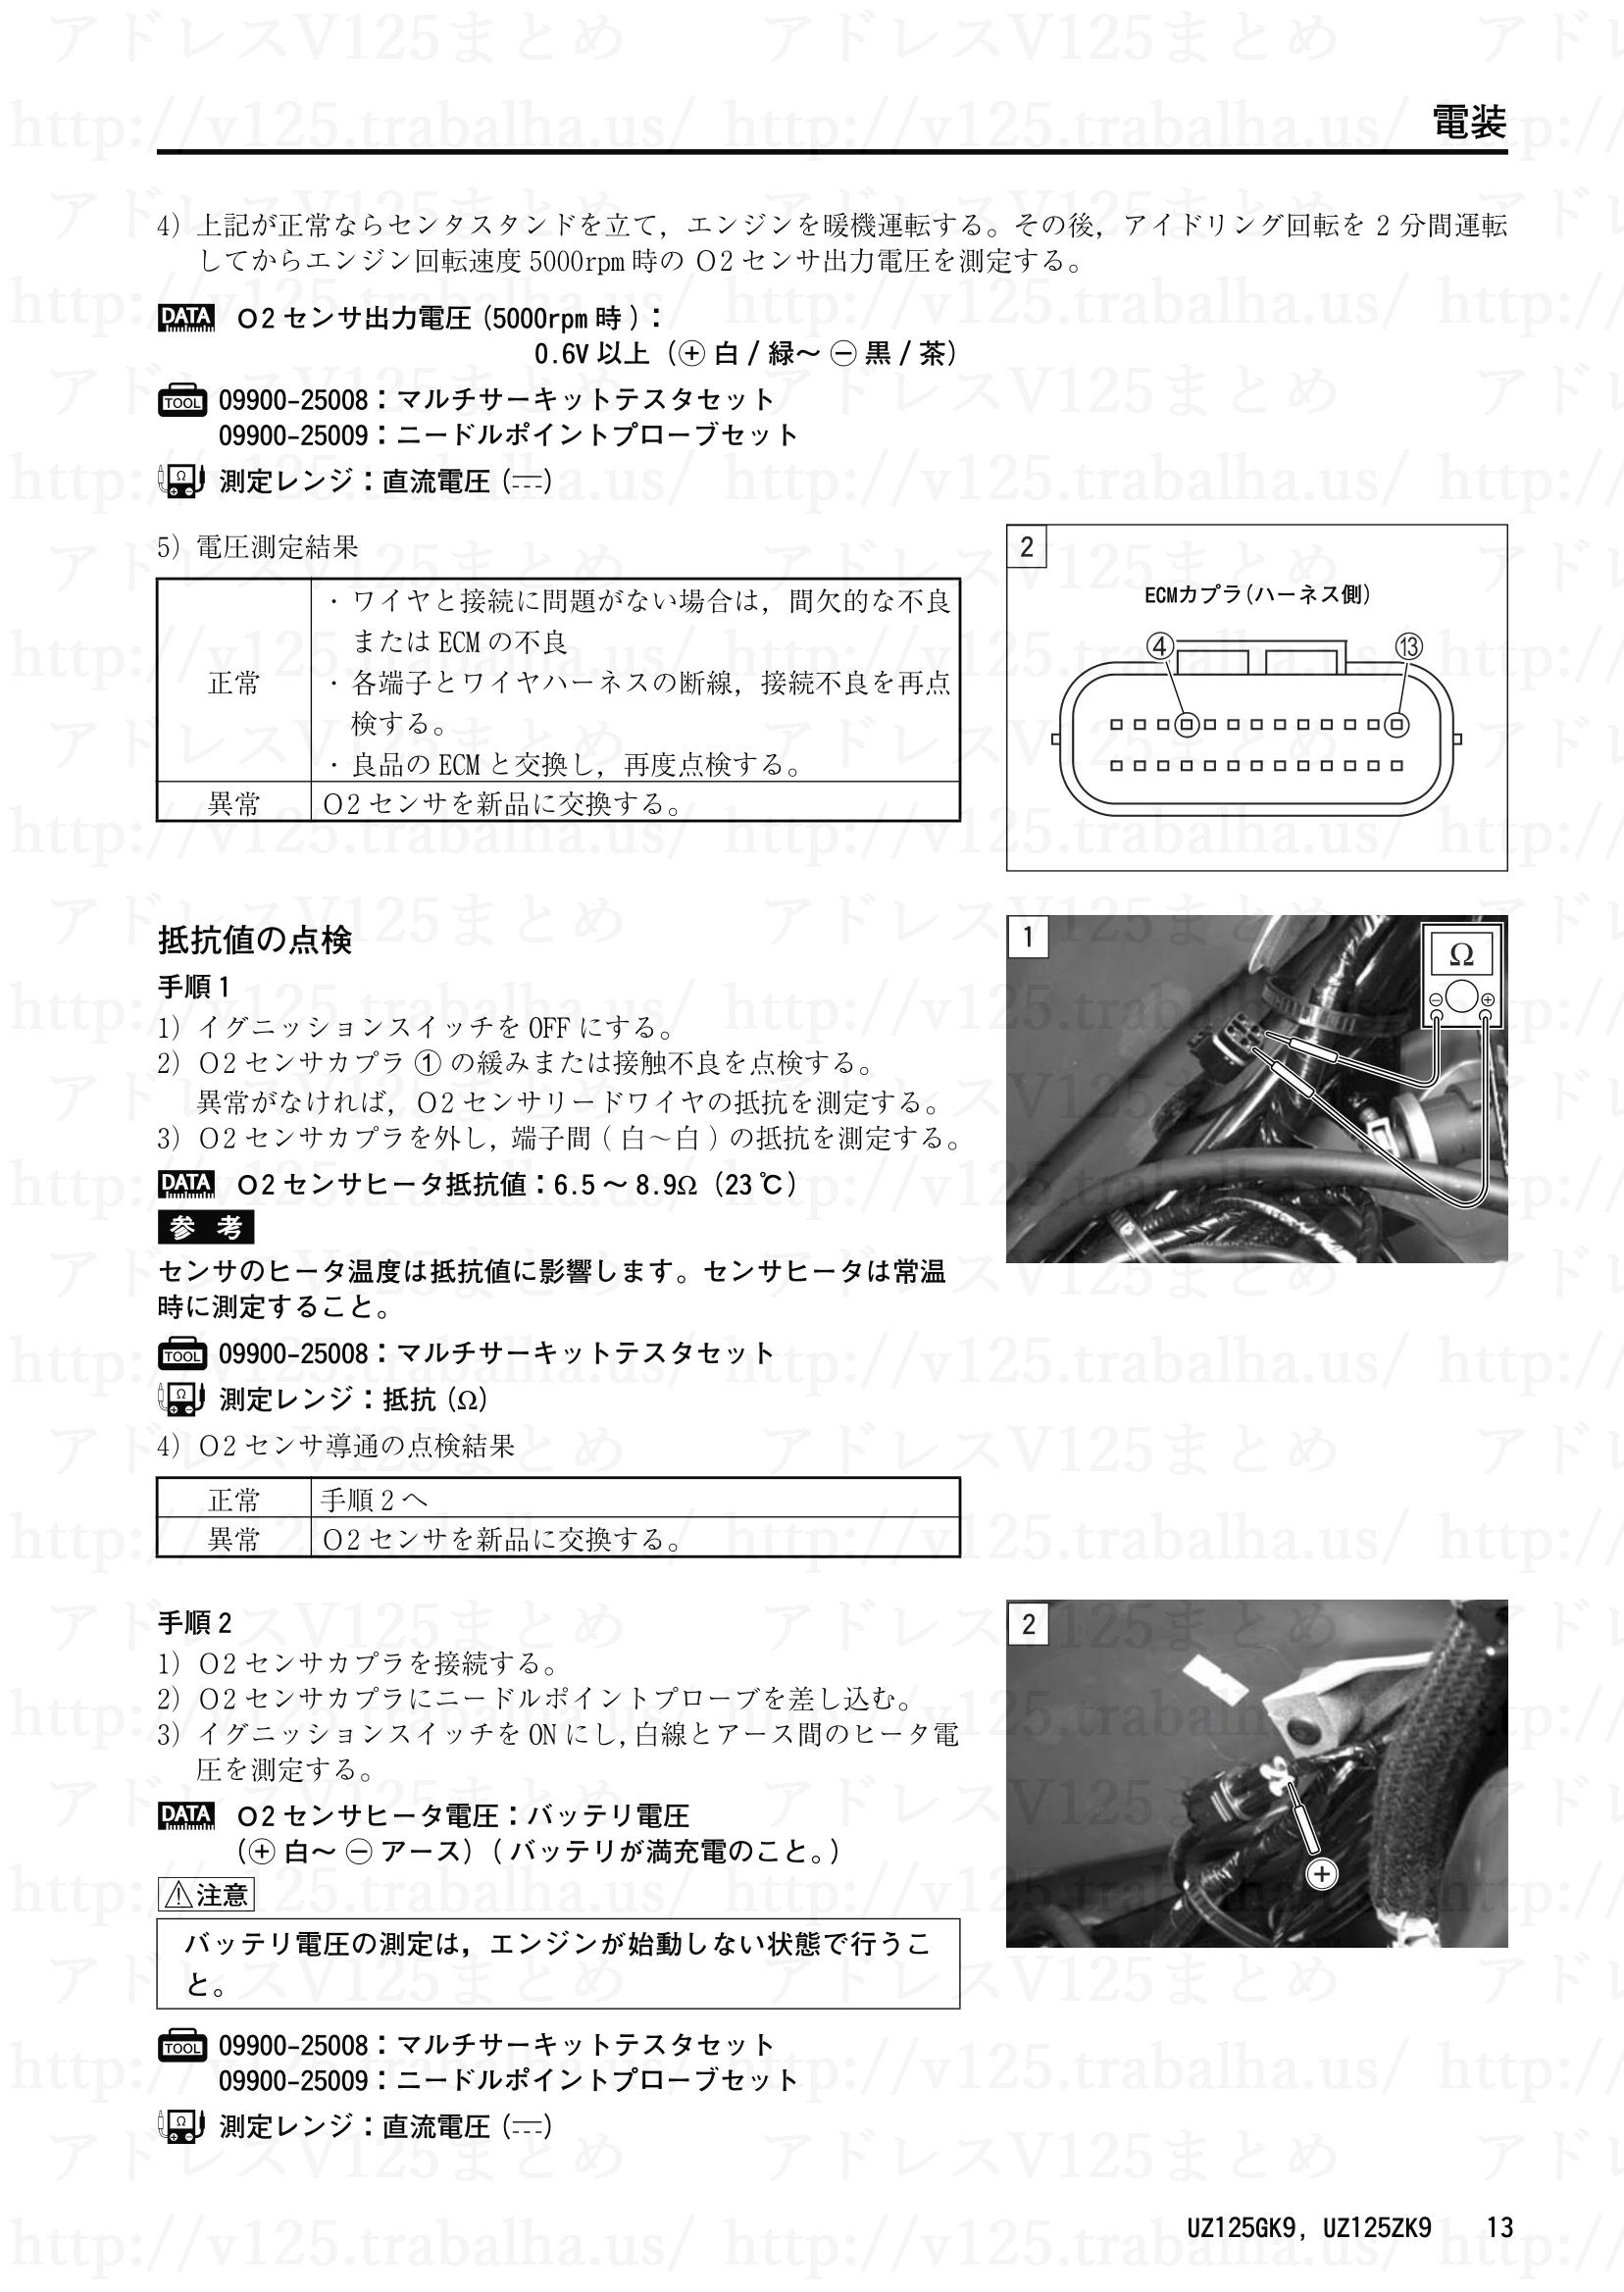 追補【UZ125GK9/UZ125ZK9】旧モデルとの主な相違点13